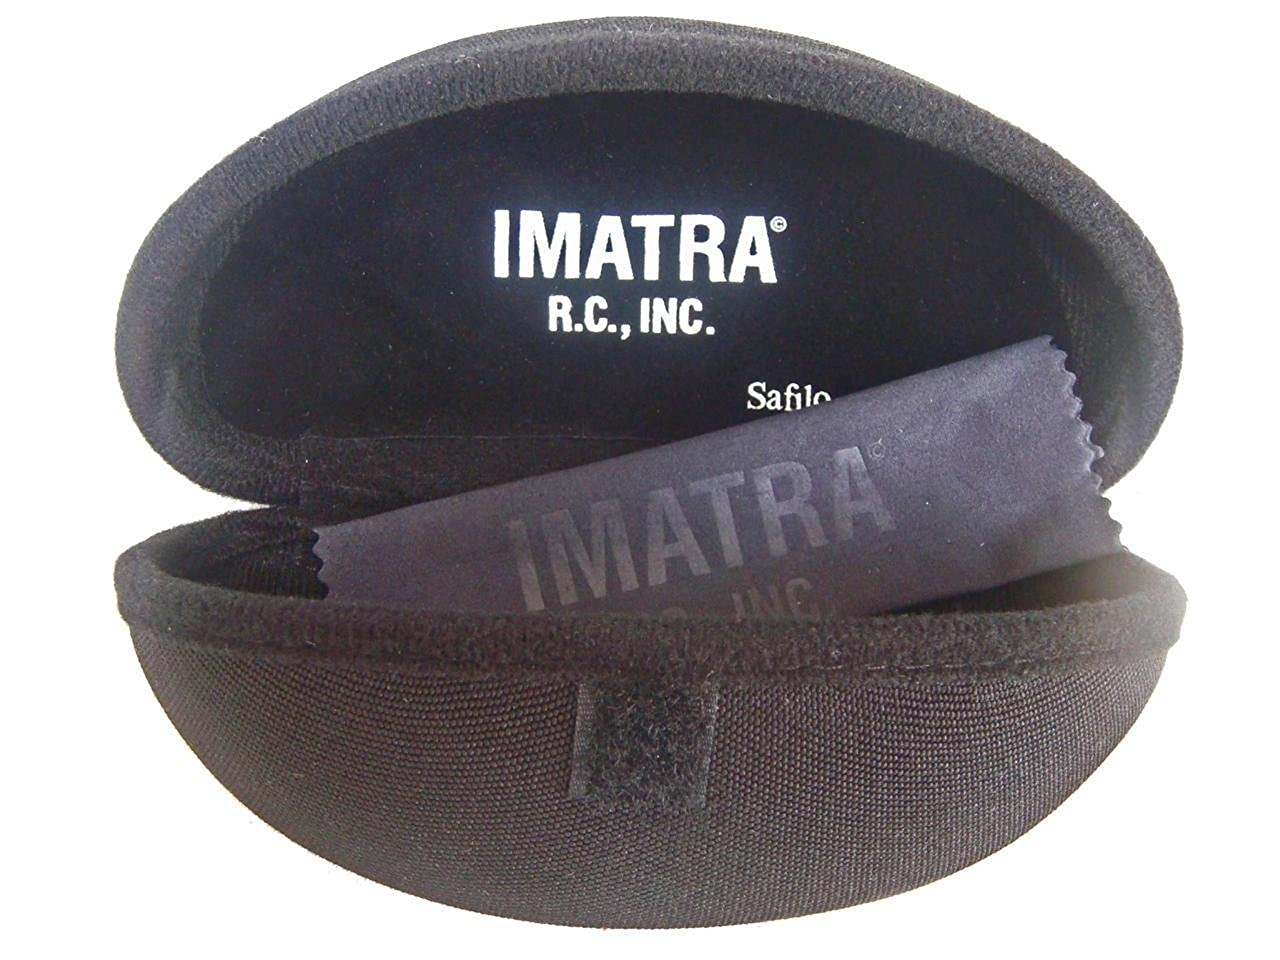 IMATRA R.C. Gafas de Sol Caso: Amazon.es: Ropa y accesorios